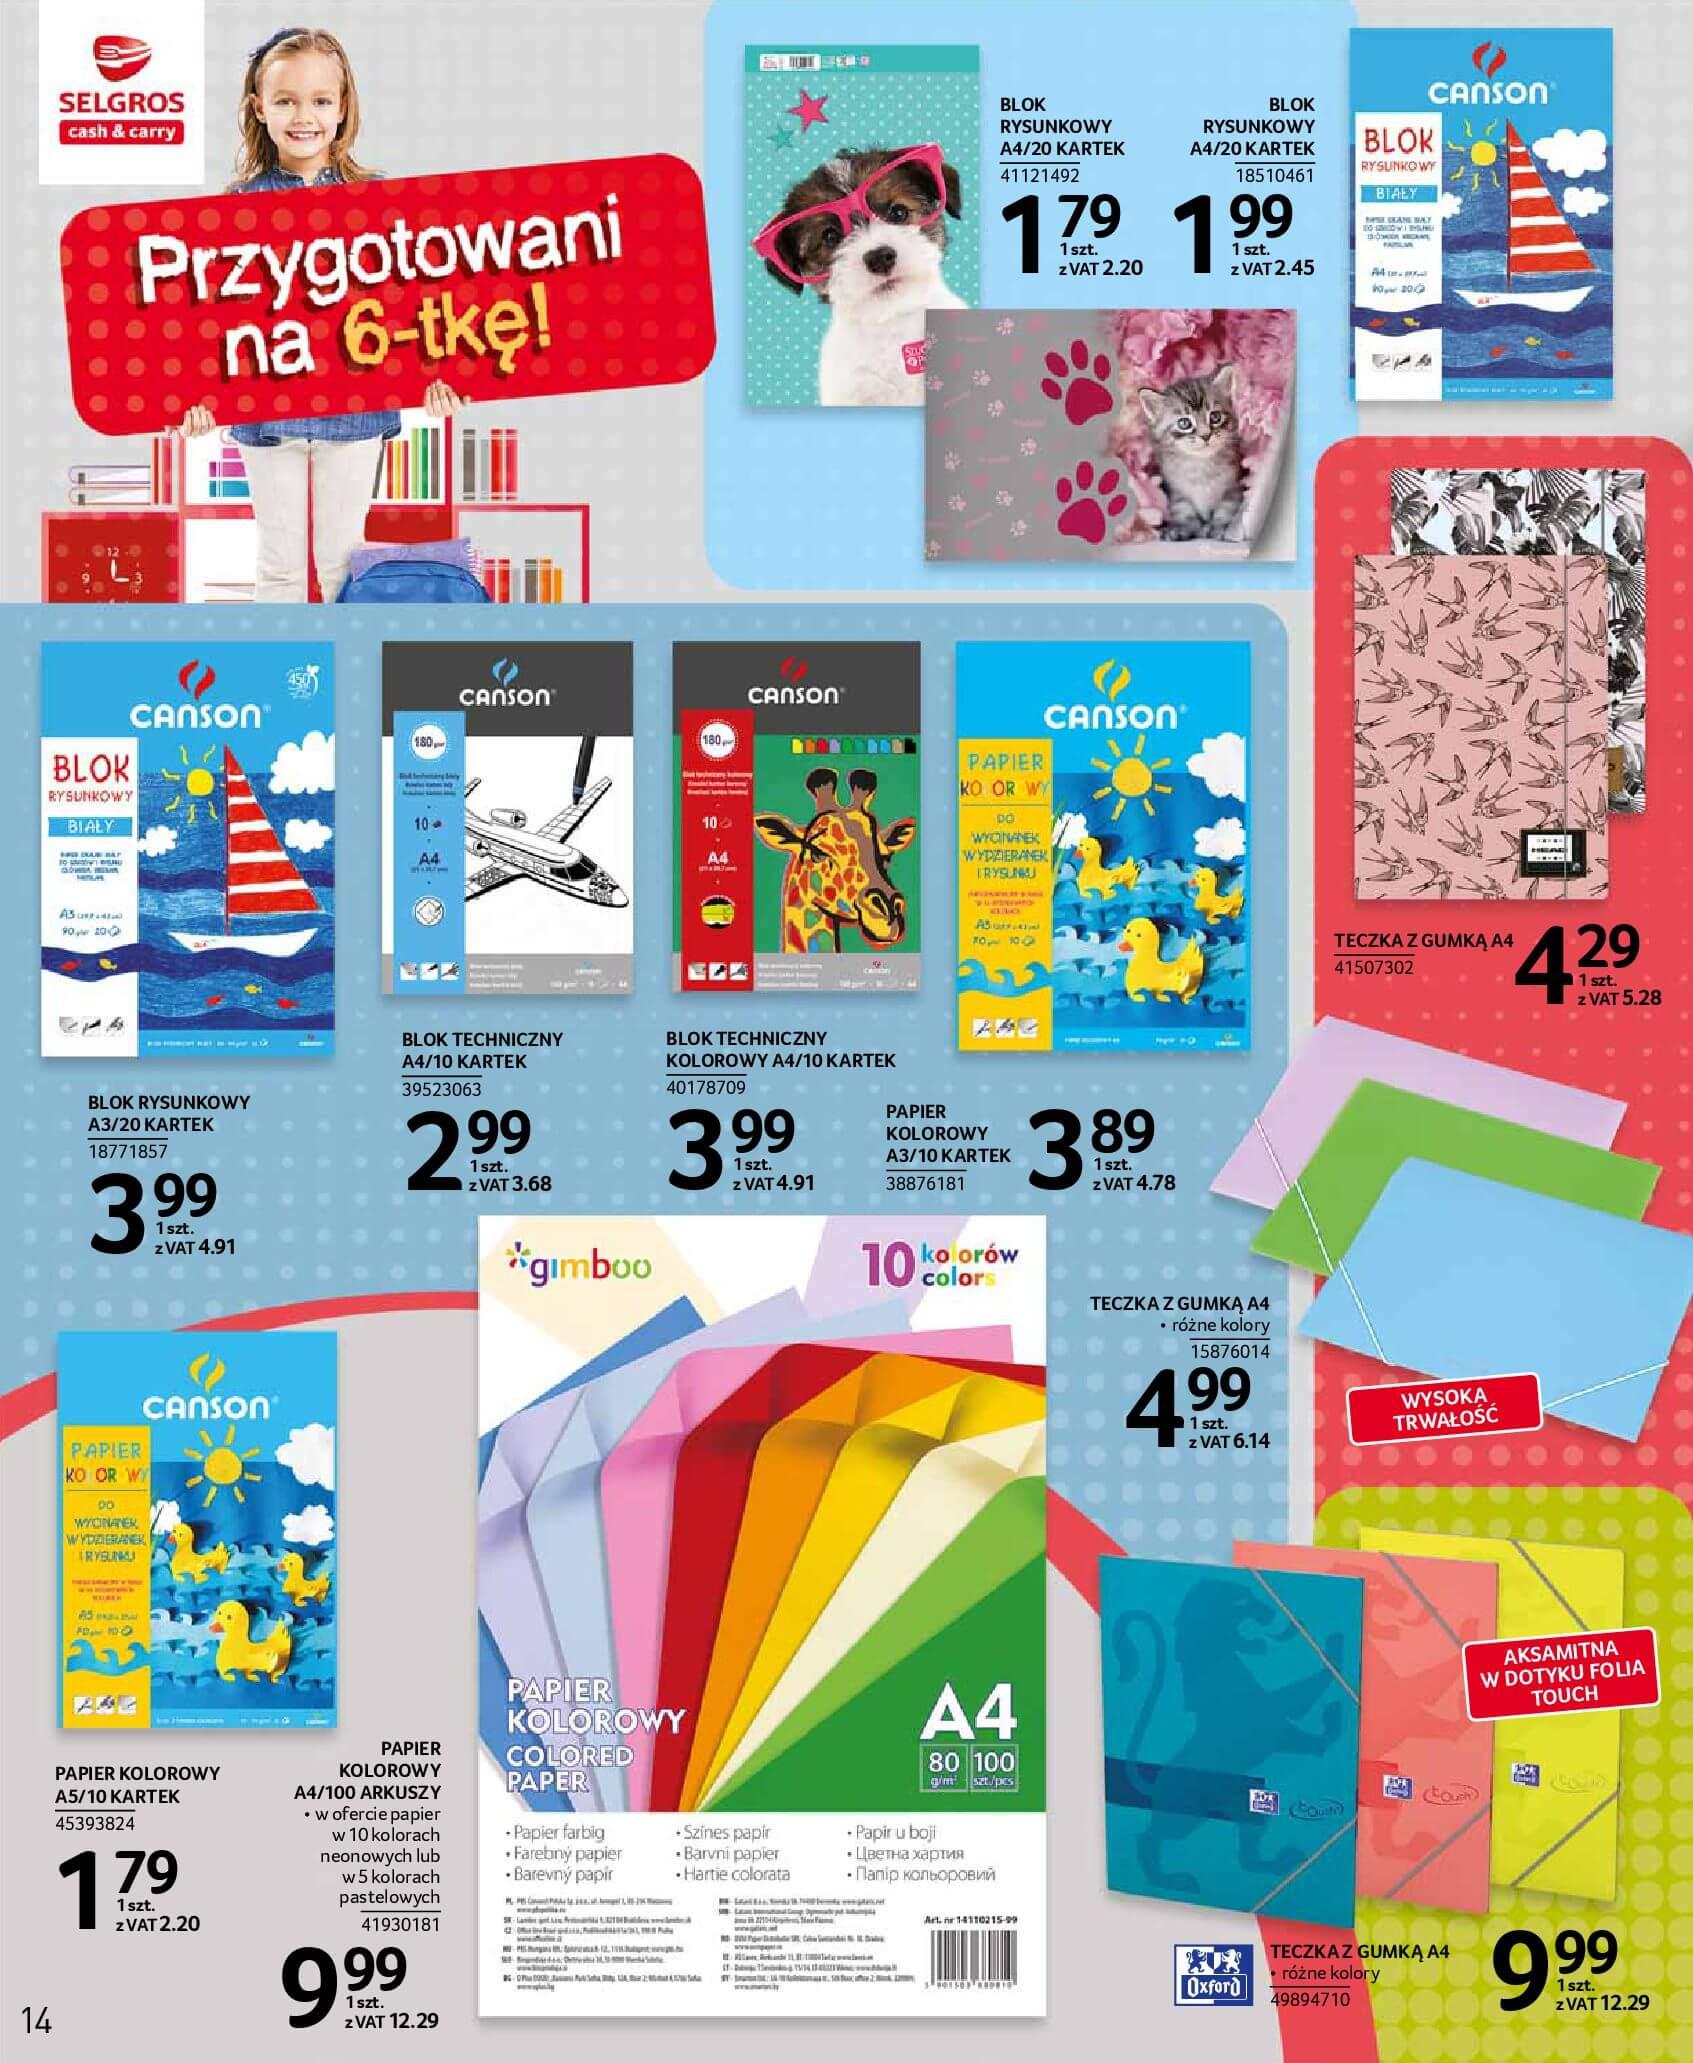 Gazetka Selgros - Przygotowani na 6-tkę!-01.08.2018-14.08.2018-page-